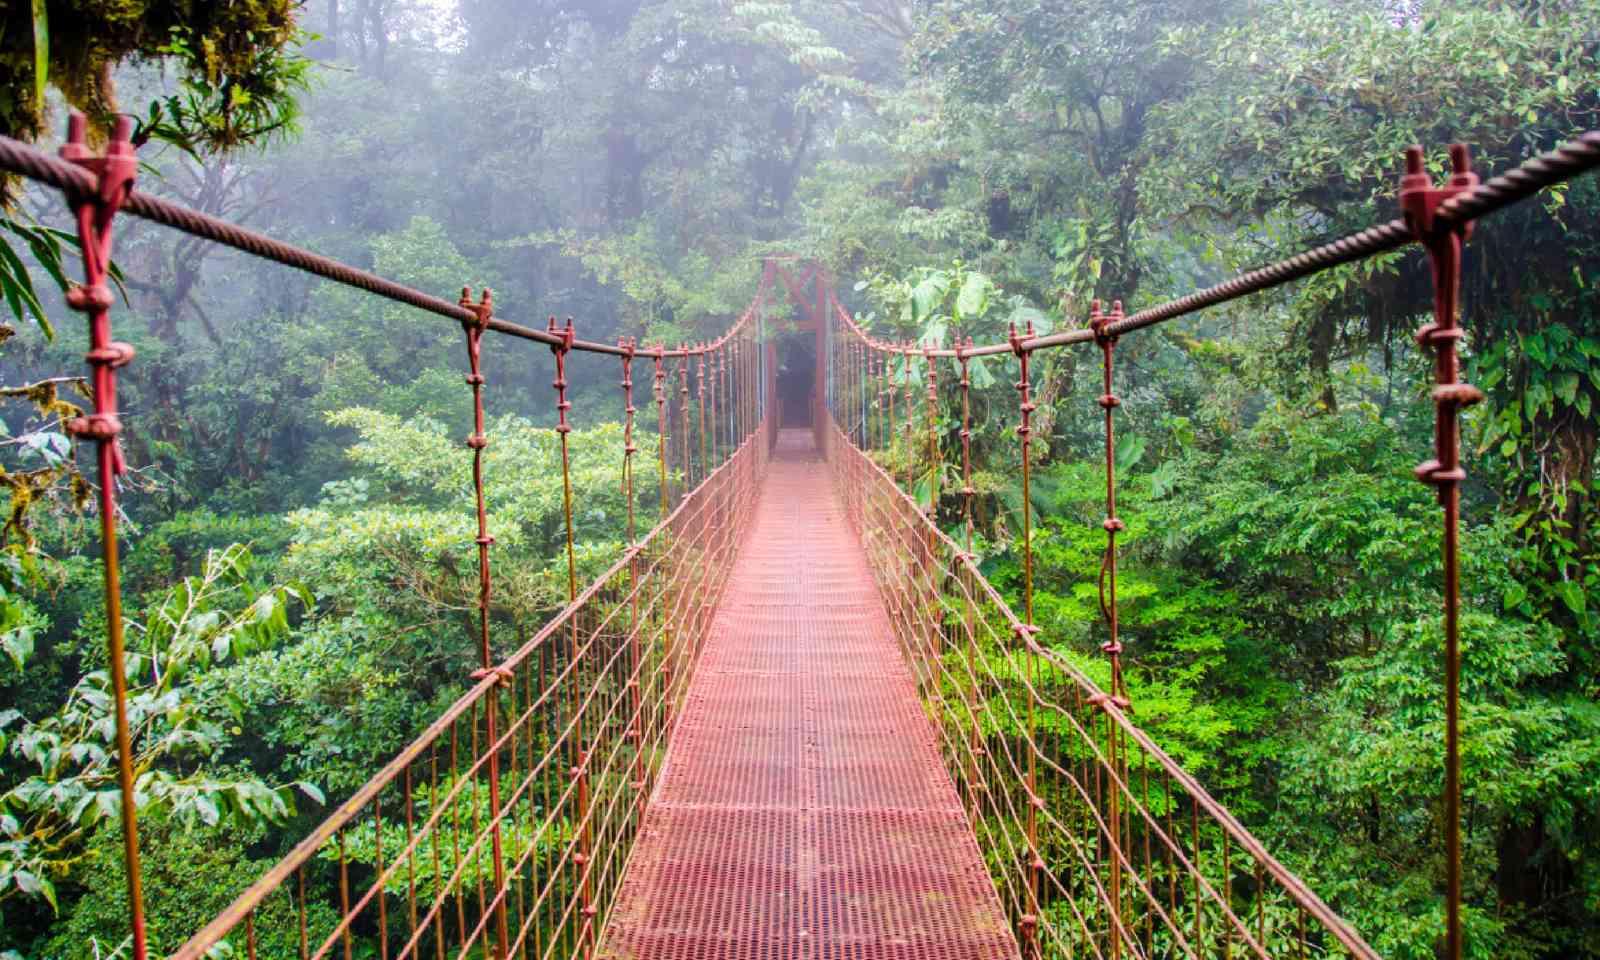 Bridge in rainforest, Costa Rica (Shutterstock)